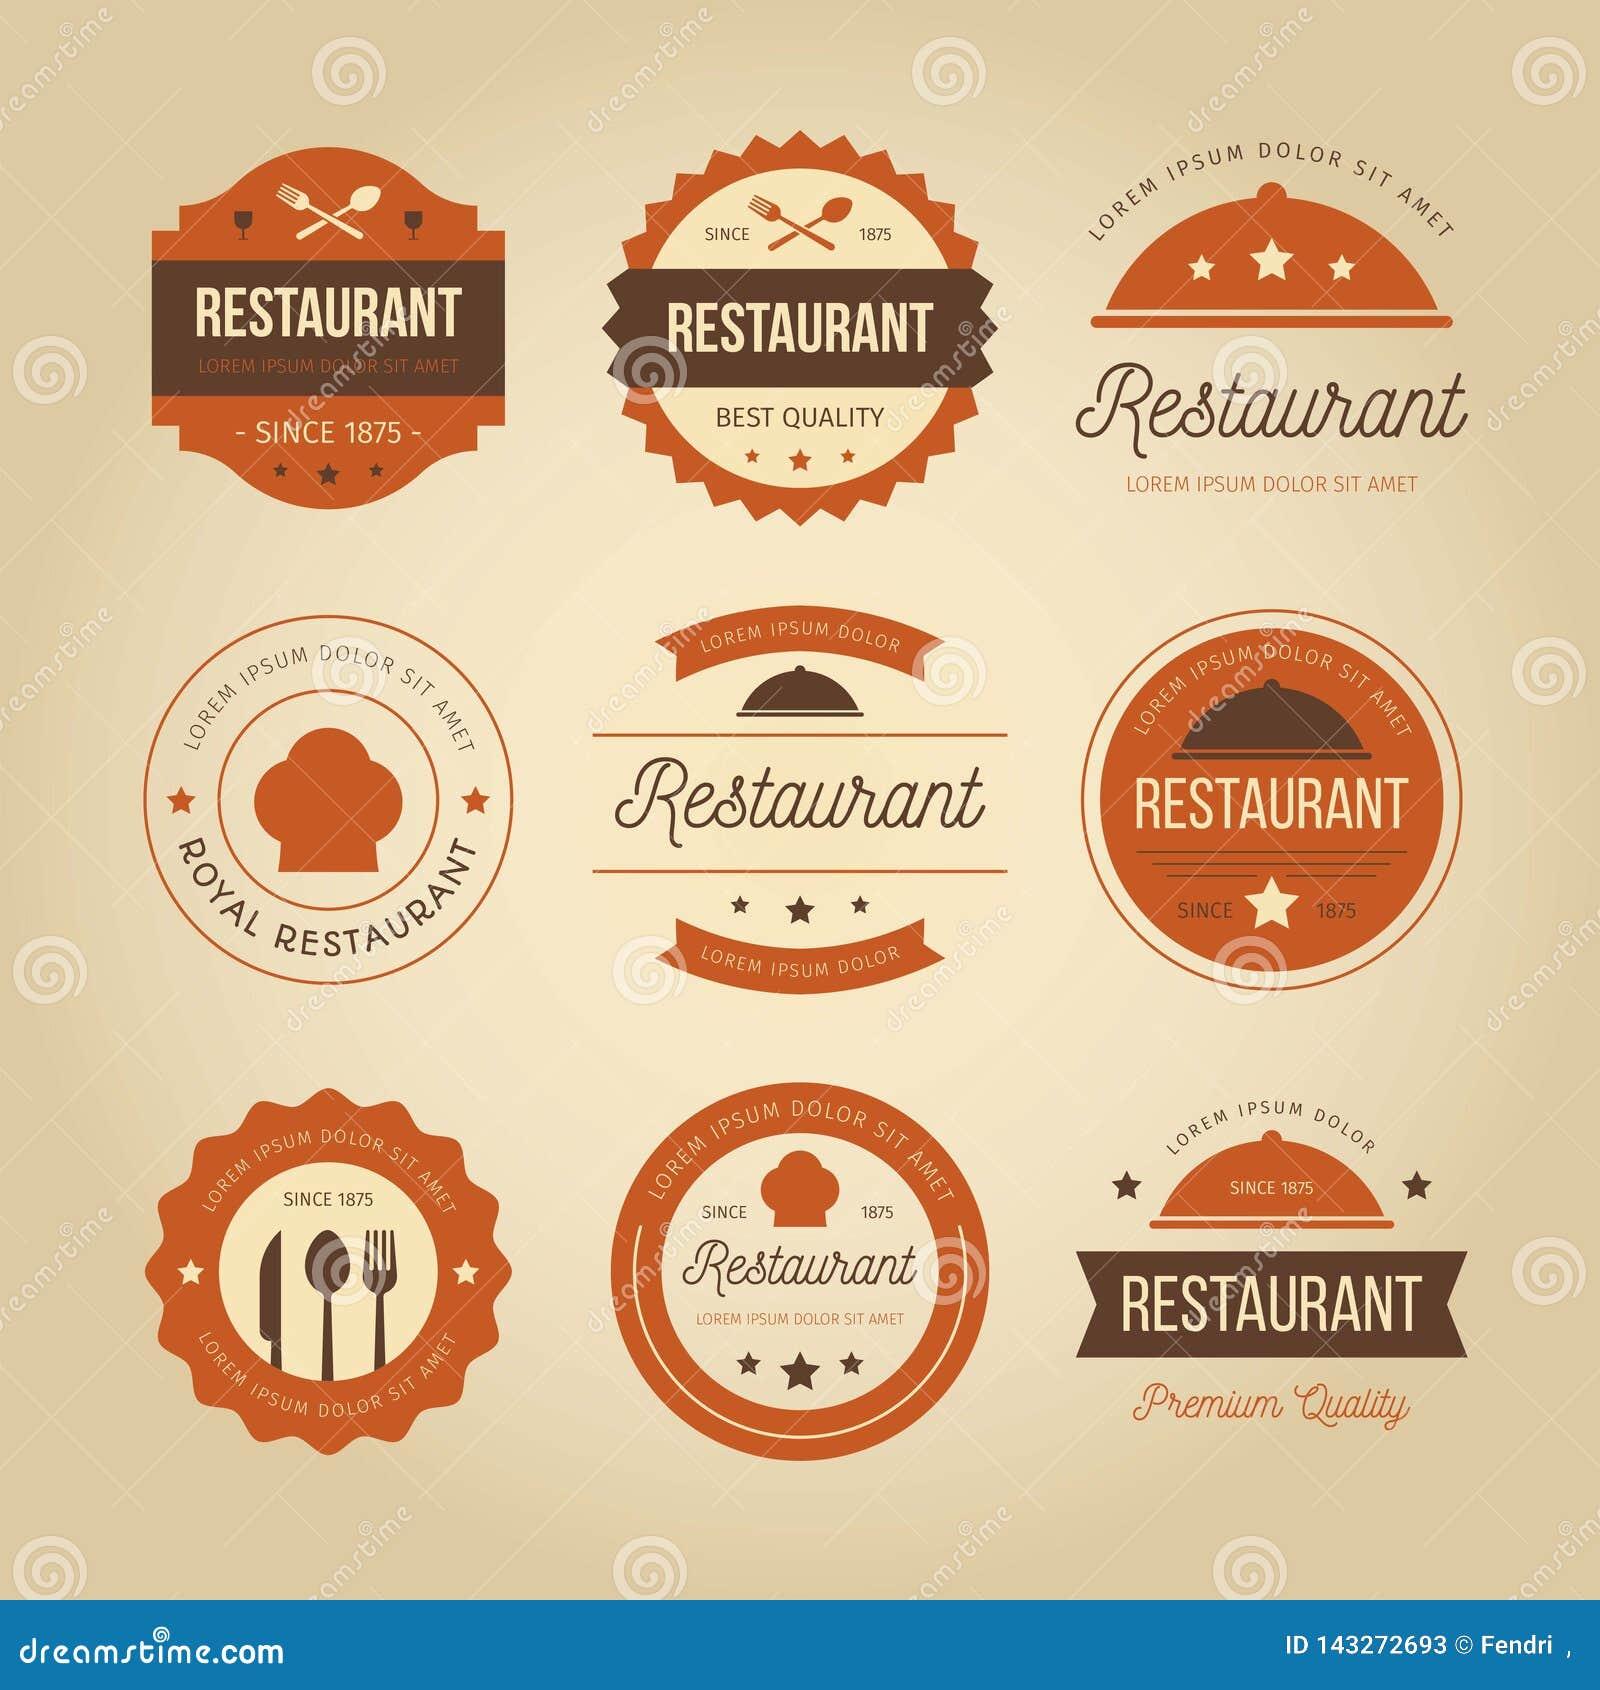 Retro Restaurant Logo Stock Vector Illustration Of Emblem 143272693